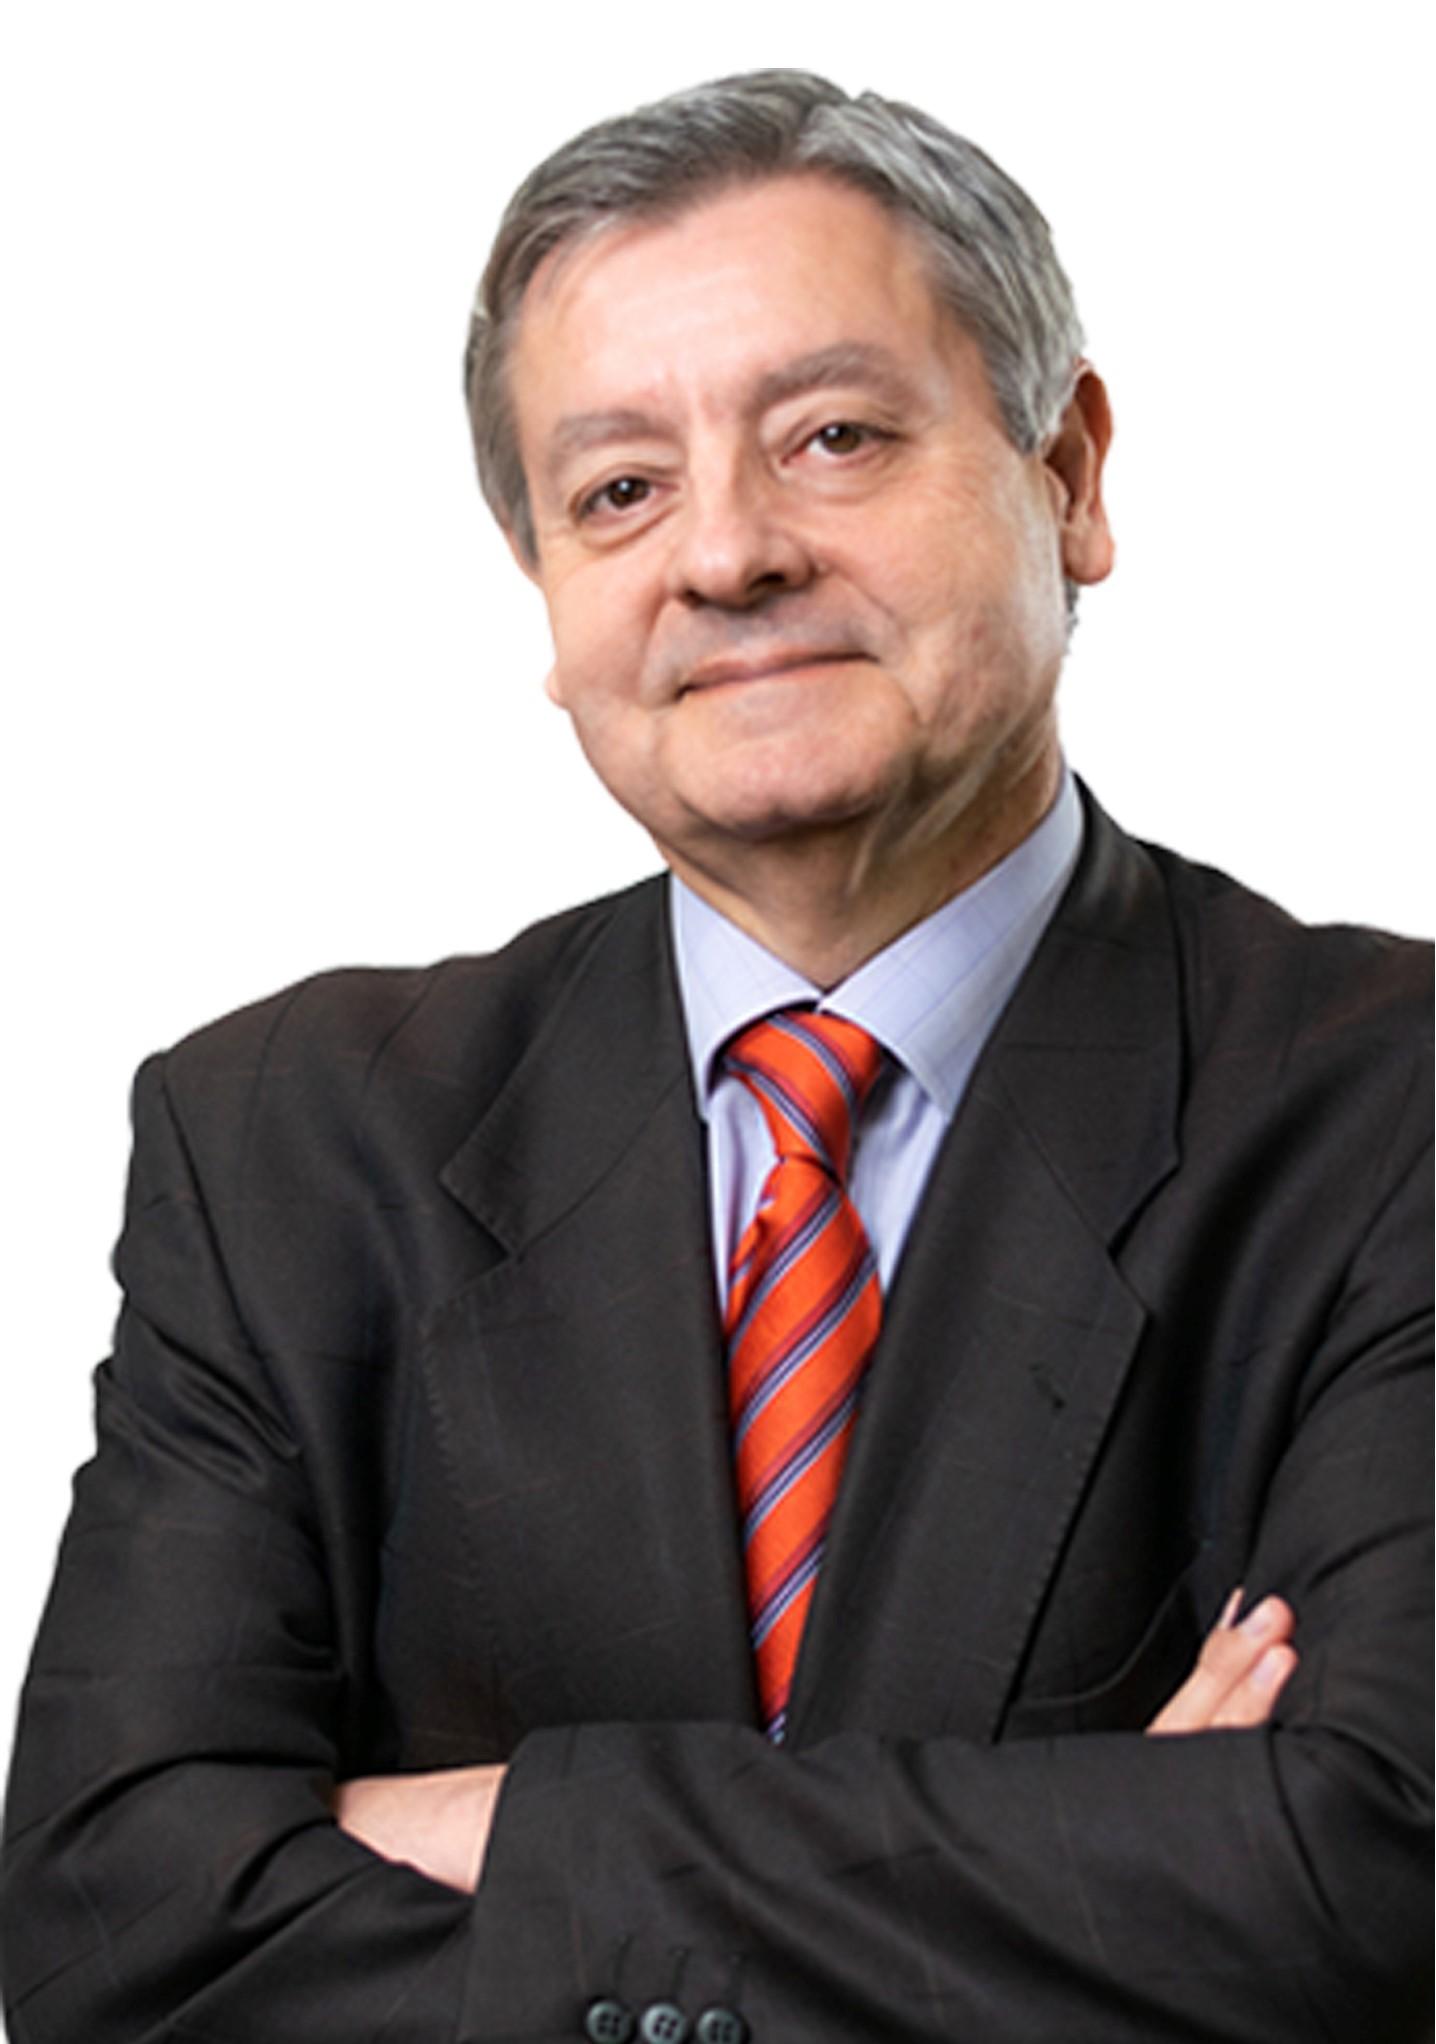 Jose Luis Somoza